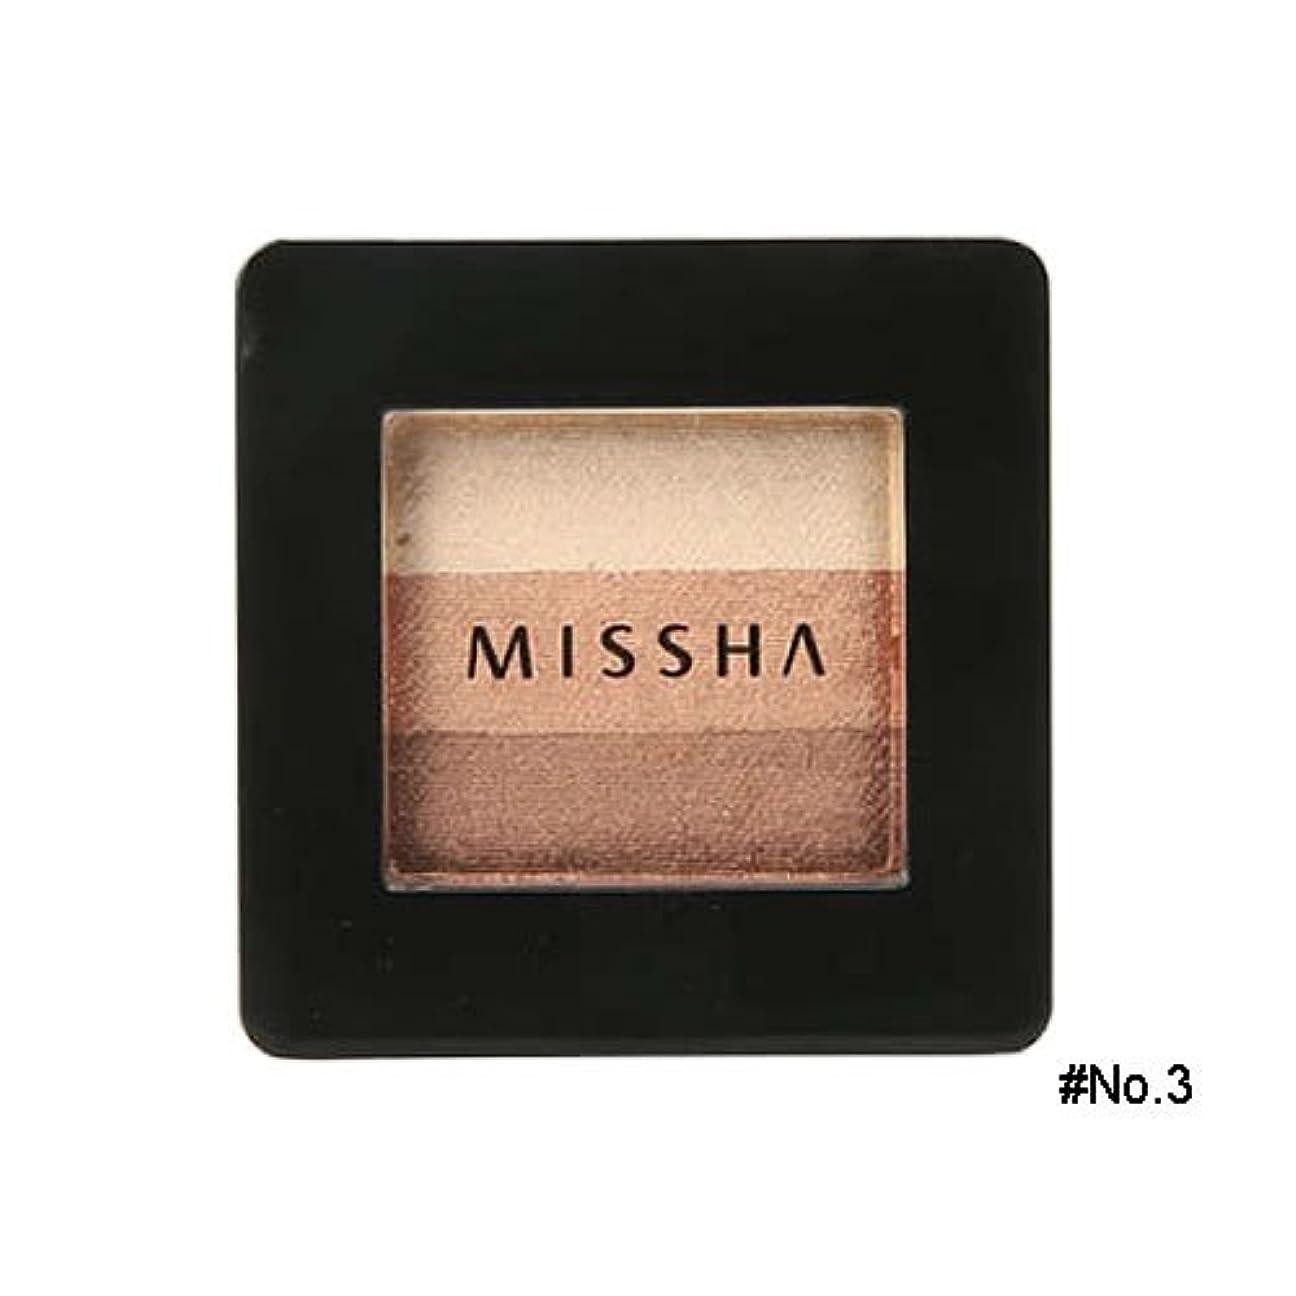 東段落制裁ミシャ(MISSHA) トリプルシャドウ 2g No.3(モカベージュ) [並行輸入品]